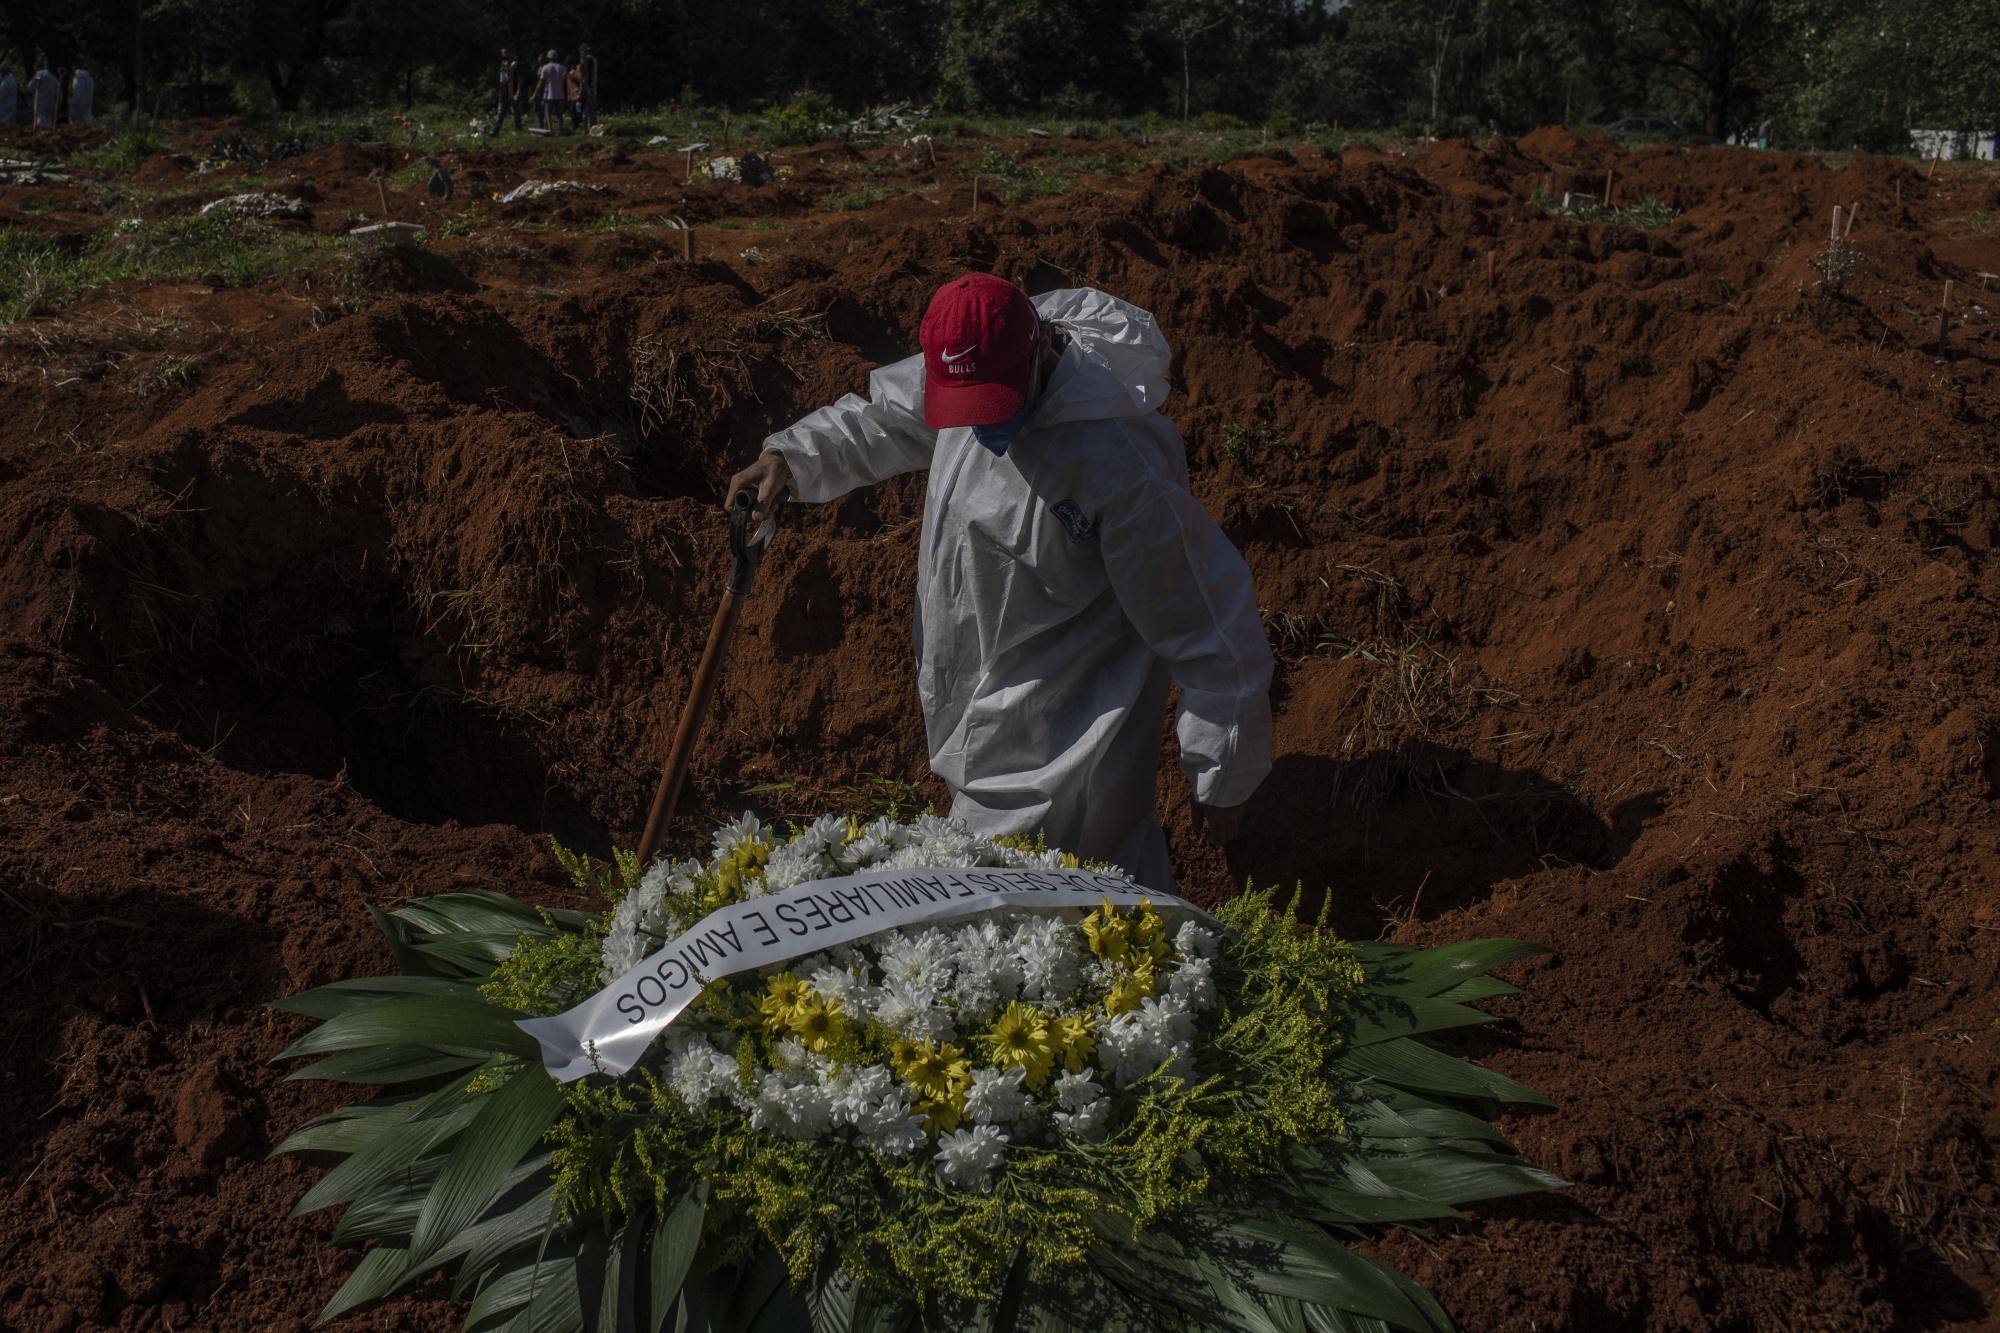 Η Βραζιλία βρίσκεται κοντά σε ένα απαίσιο ορόσημο 300.000 θανάτων από κοροναϊούς